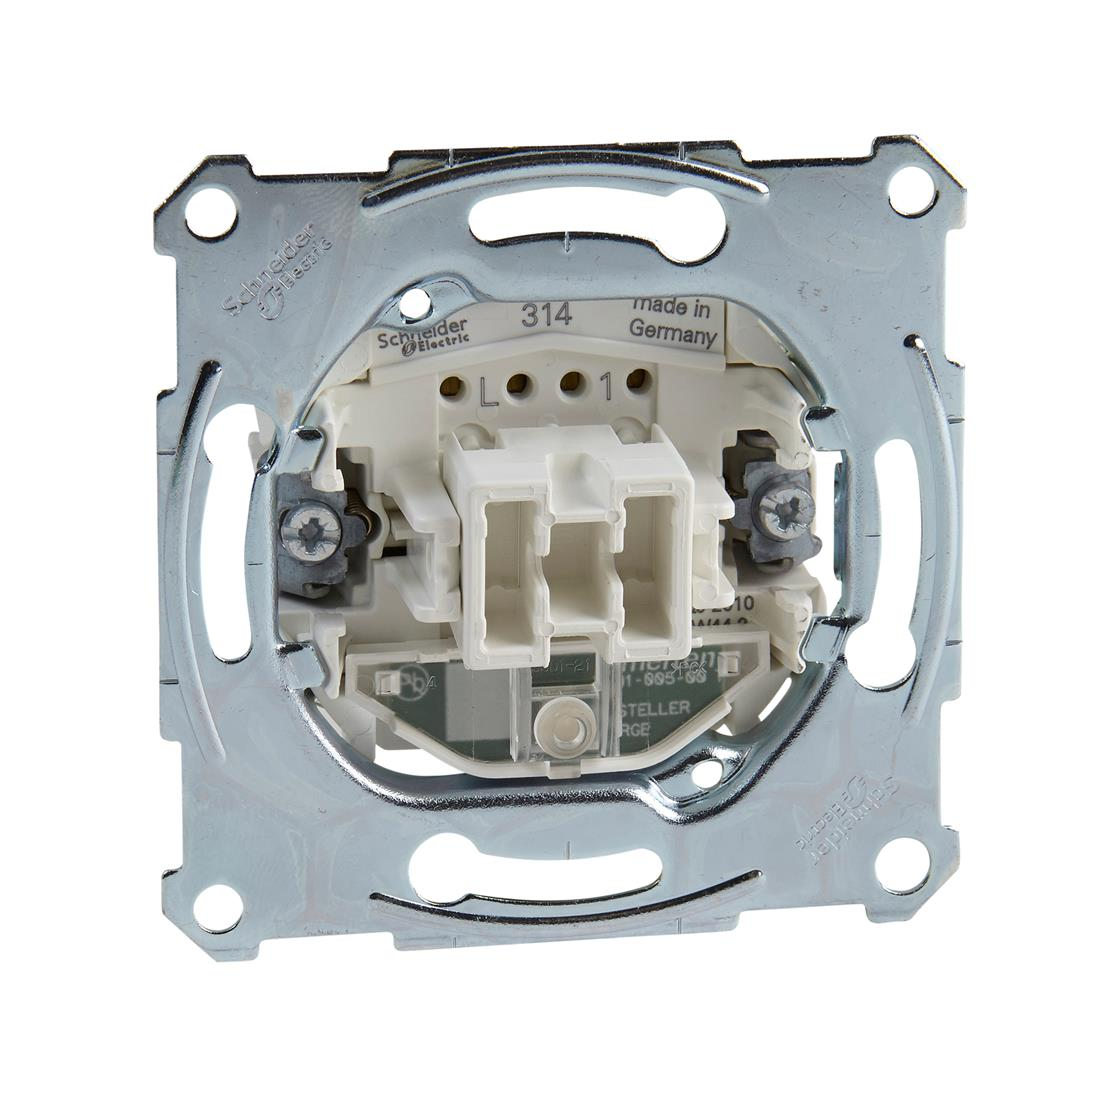 Schneider-Merten uit/wisselcontroleschakelaarsokkel 1-polig 10 AX, AC 250 V met insteekklemmen (MTN3106-0000)